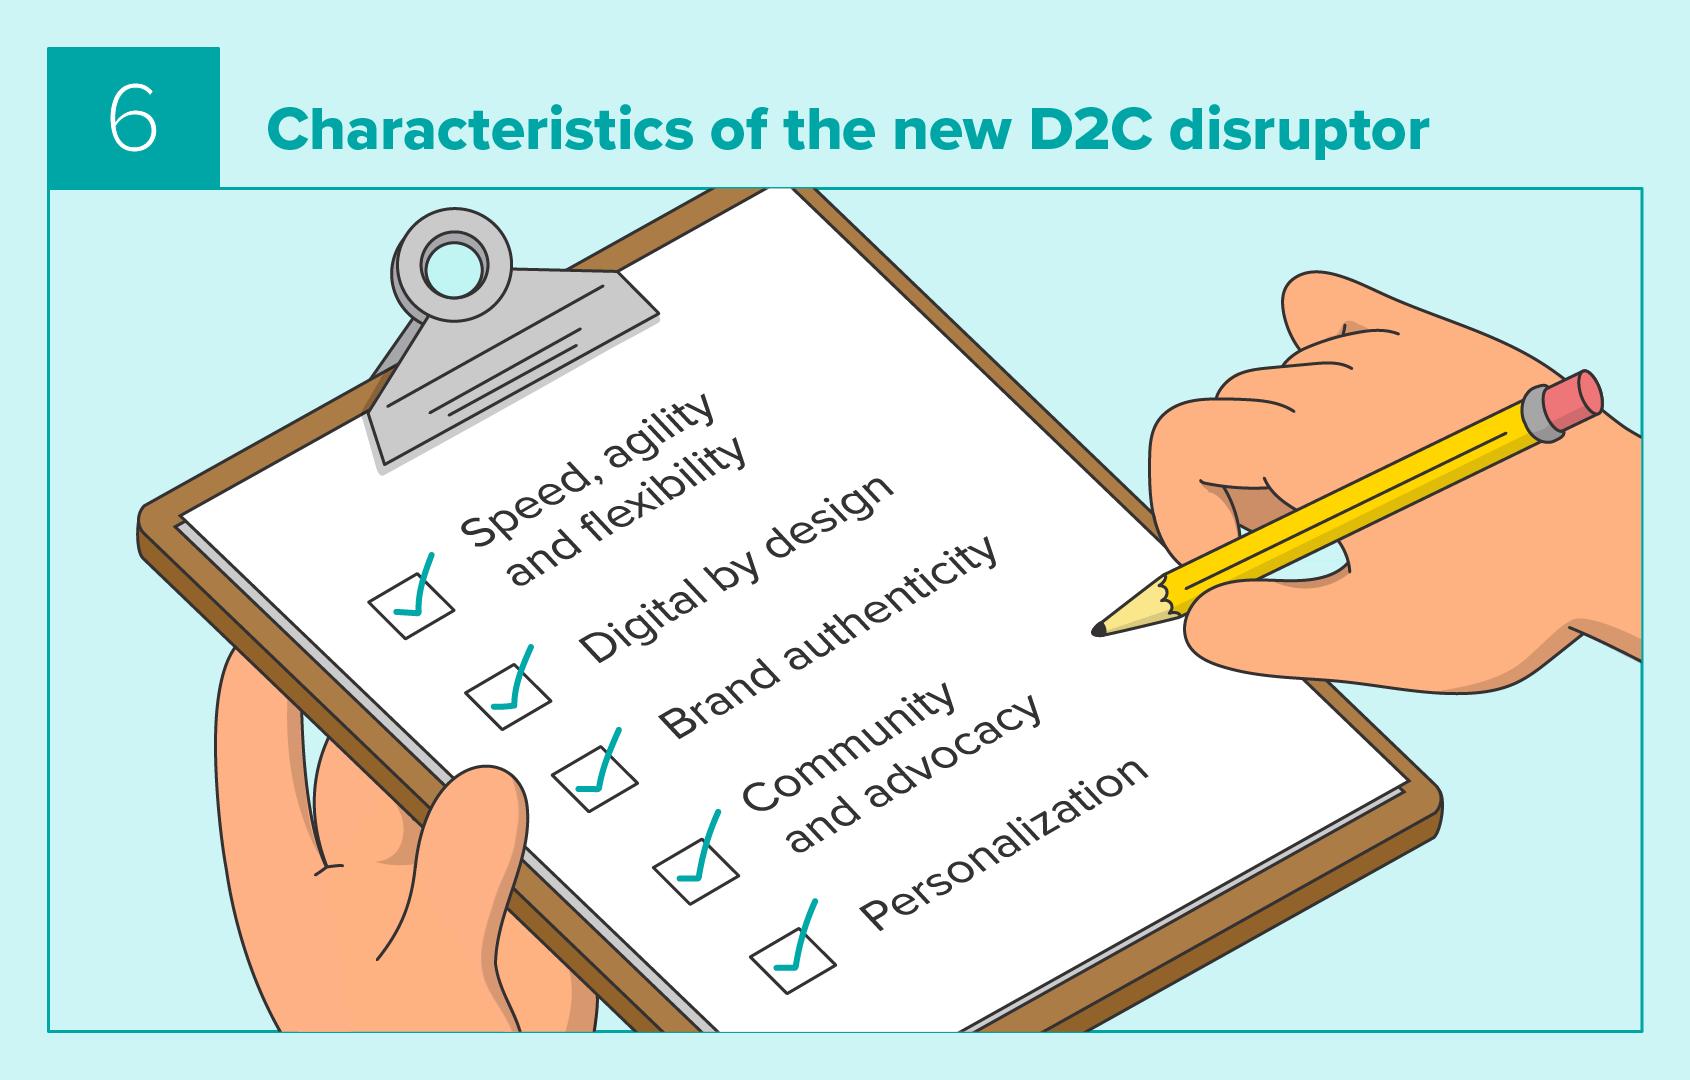 Characteristics of new D2C disruptor